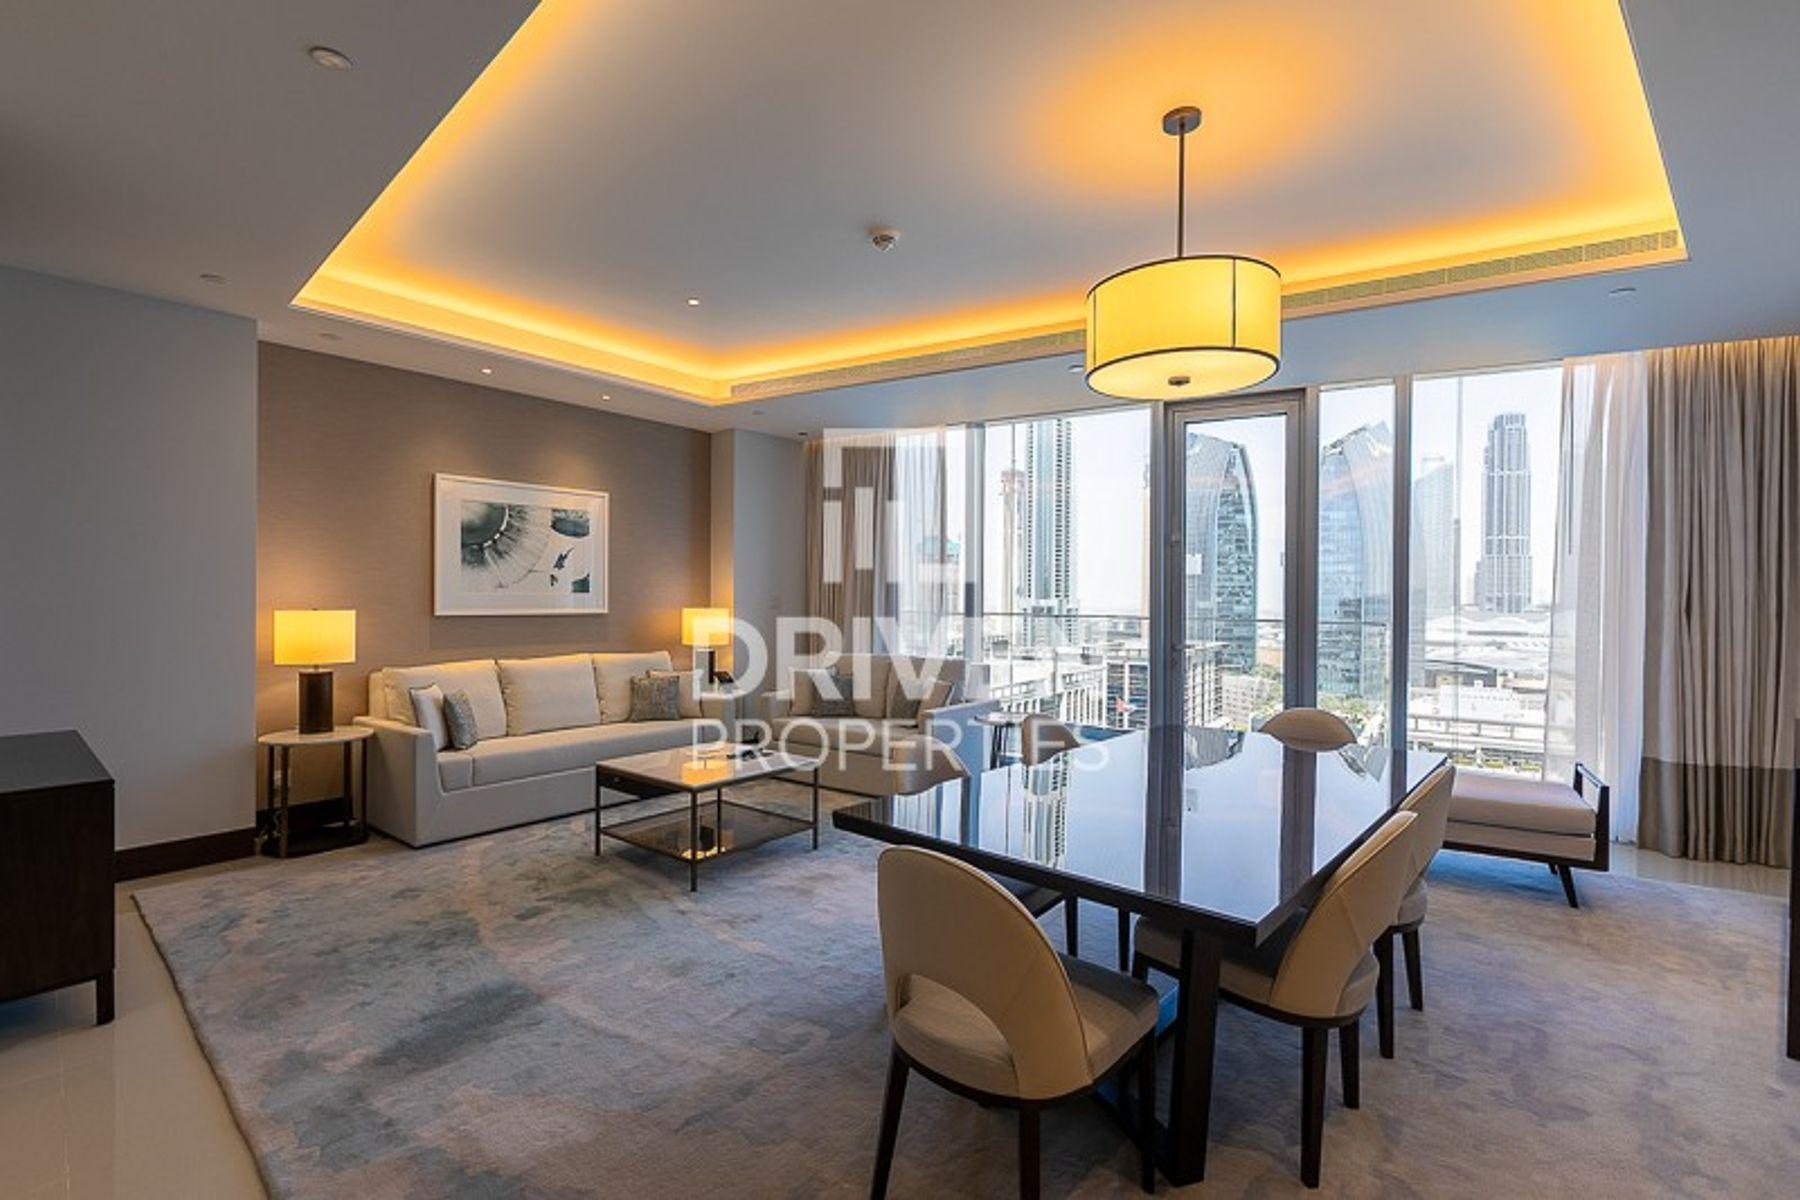 1,699 قدم مربع  شقة - للايجار - دبي وسط المدينة